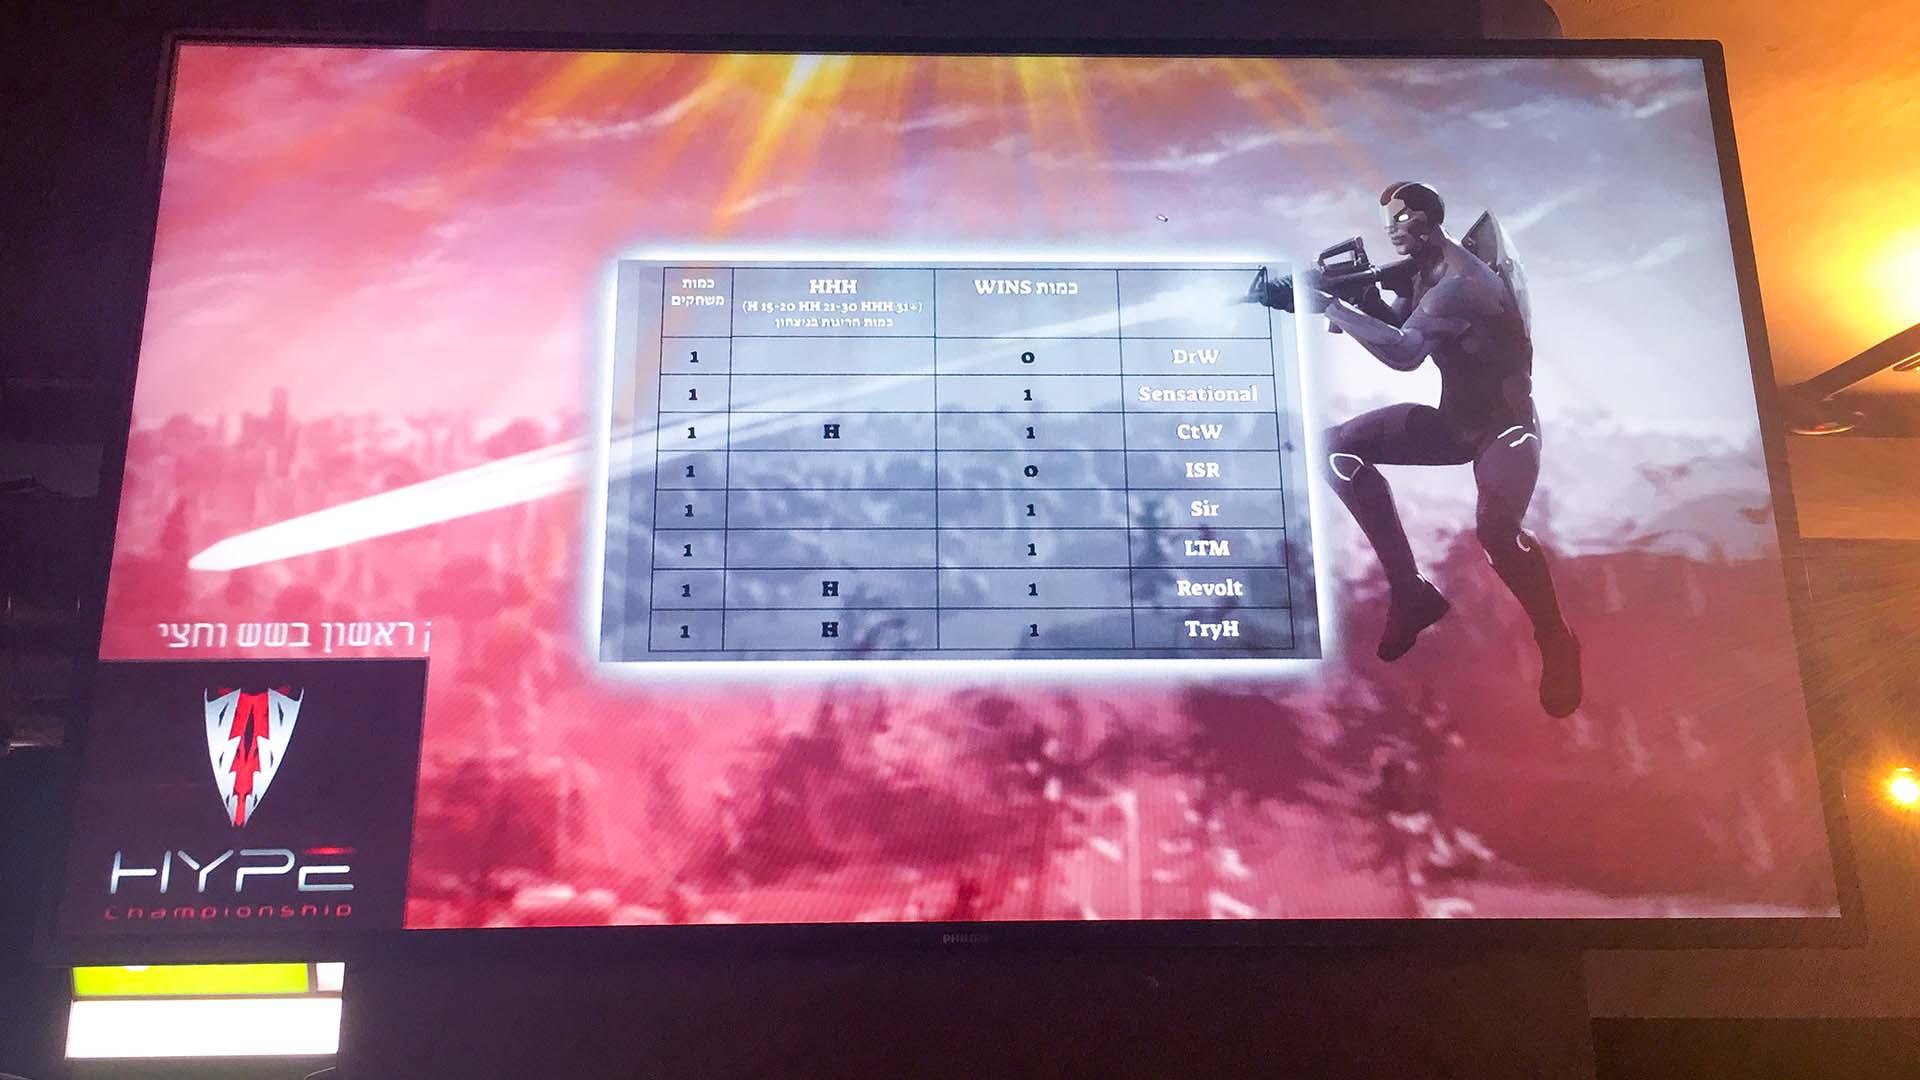 אליפות ישראל ב-Fortnite: מסך תצוגה